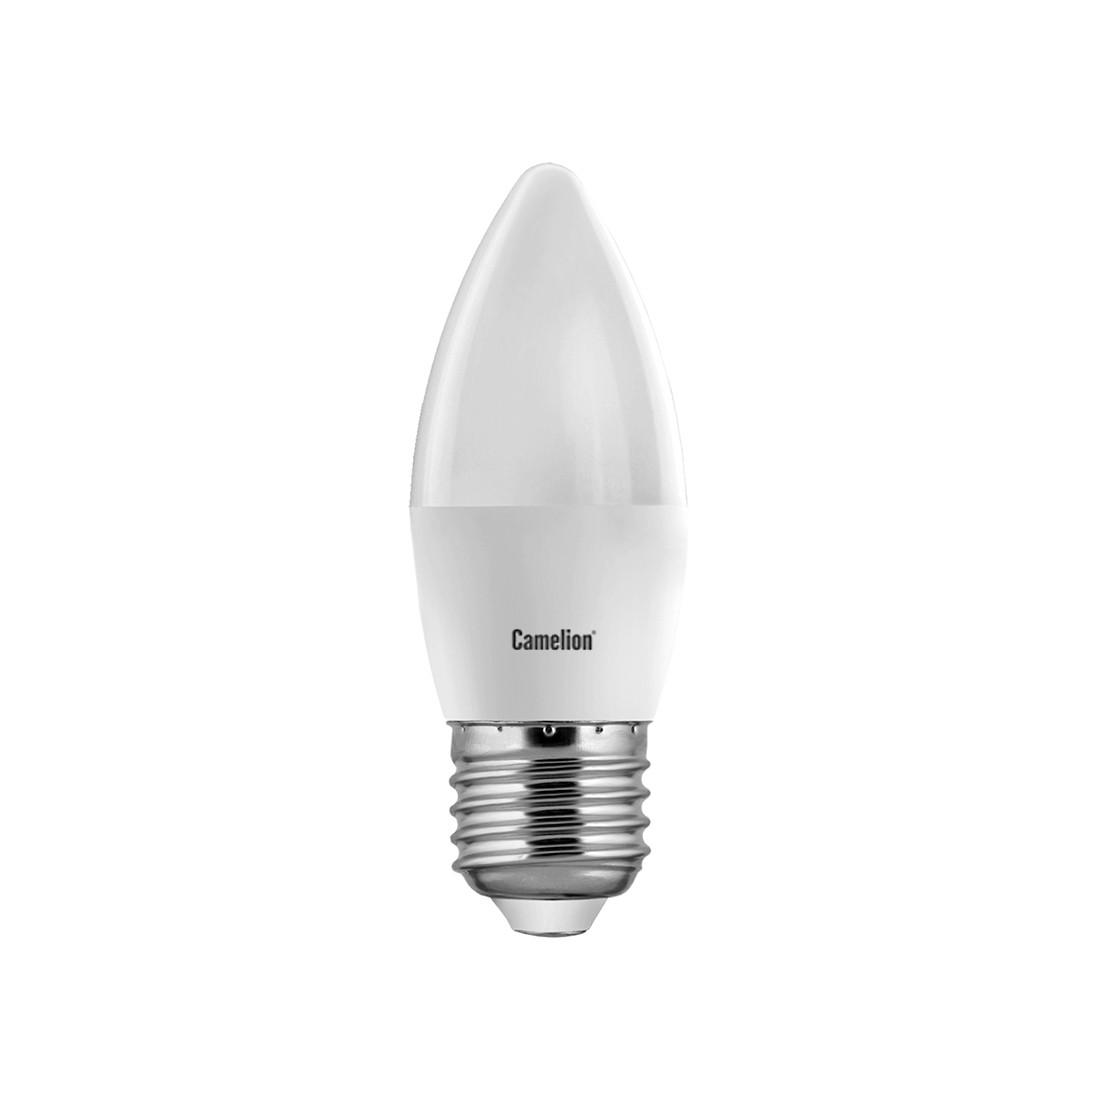 Эл. лампа светодиодная Camelion LED7-C35/865/E27, Дневной